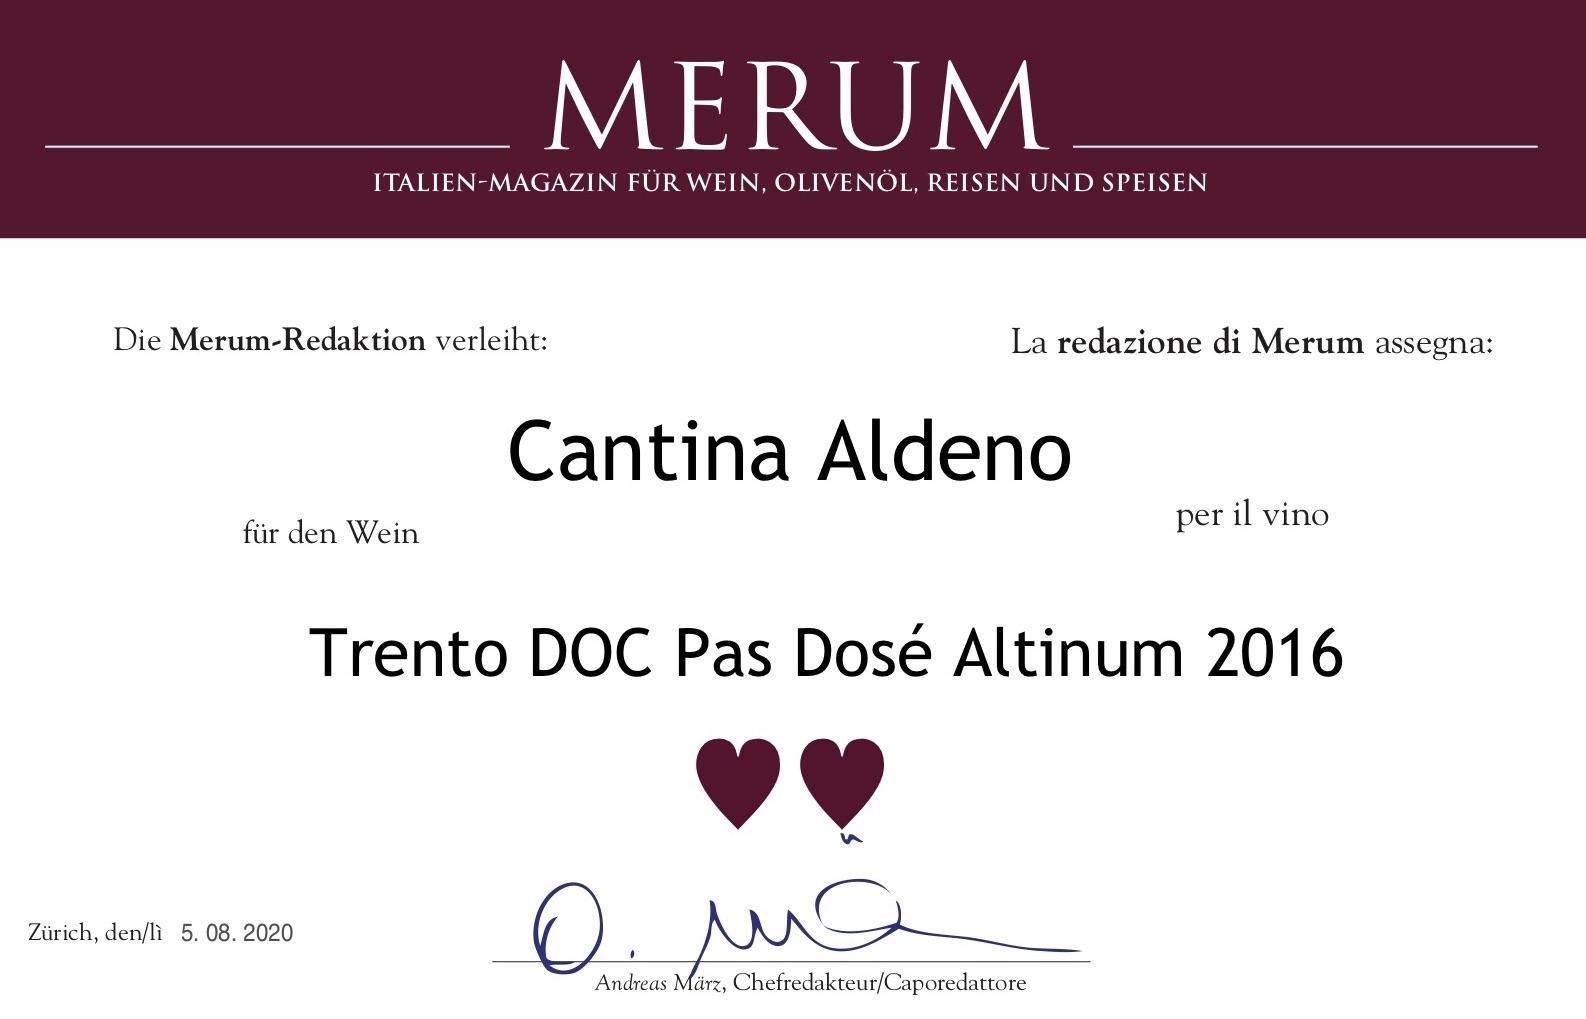 """La Prestigiosa Rivista """"Merum"""" Premia I Prodotti Di Cantina Aldeno"""